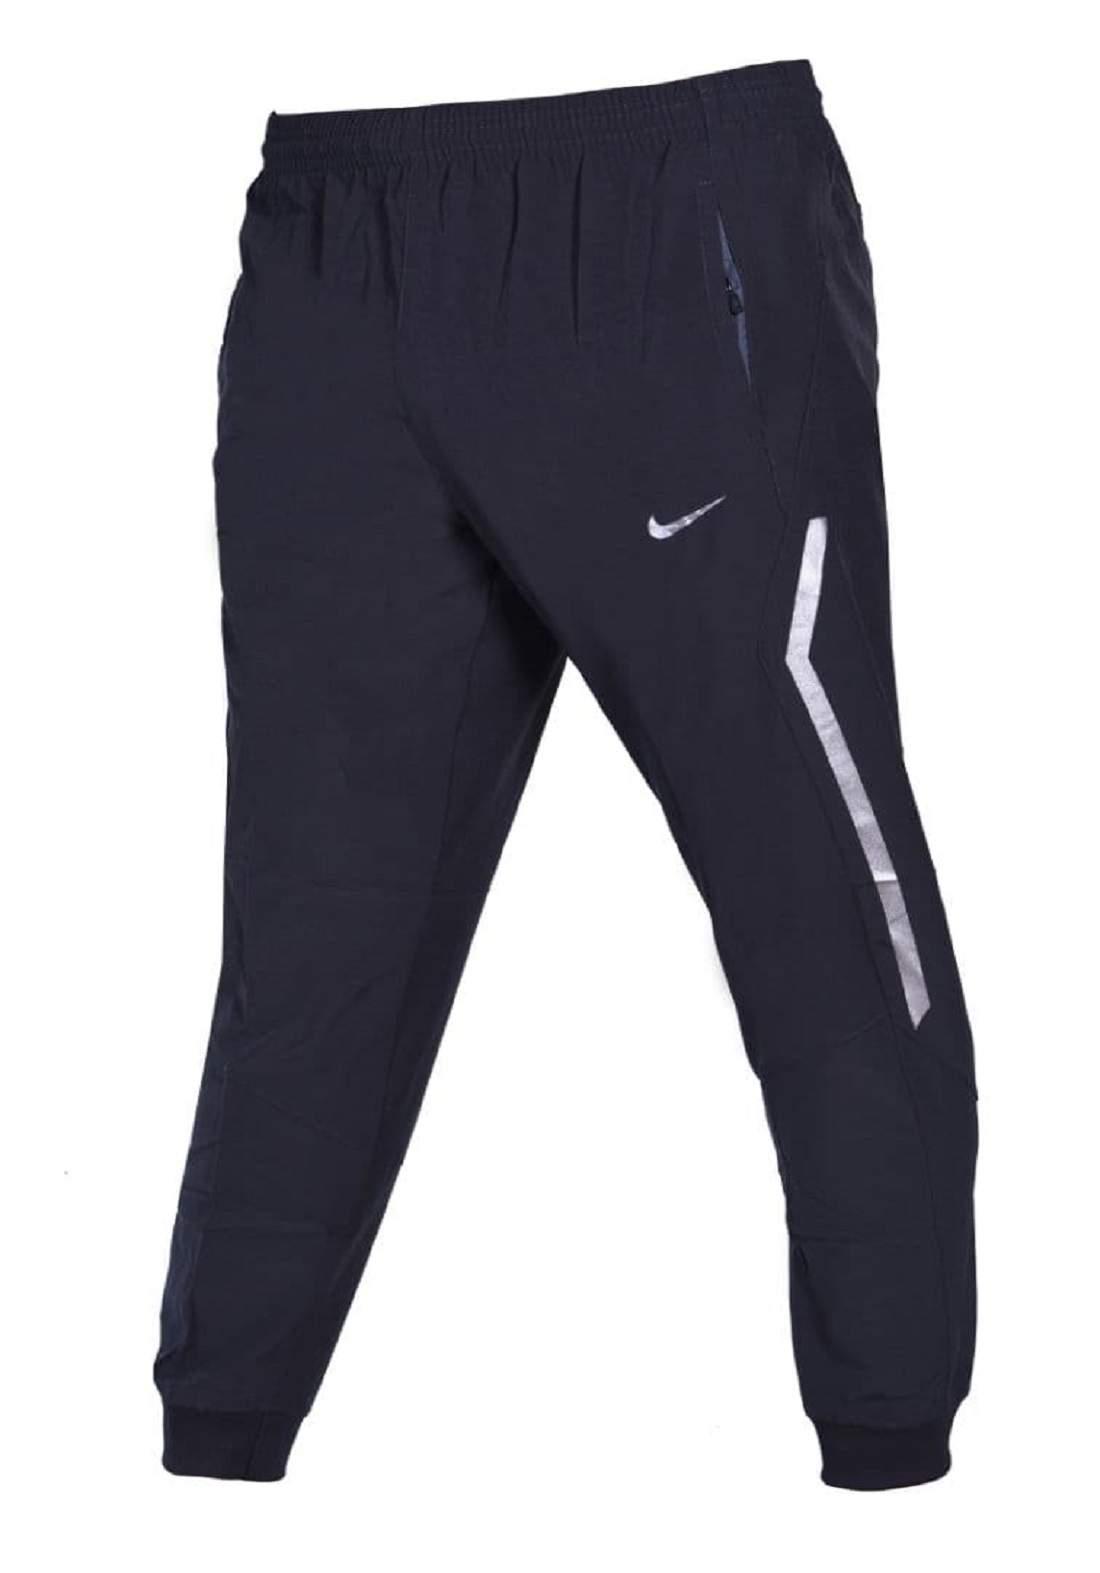 بنطلون بجامة رياضي رجالي نيلي اللون من Nike